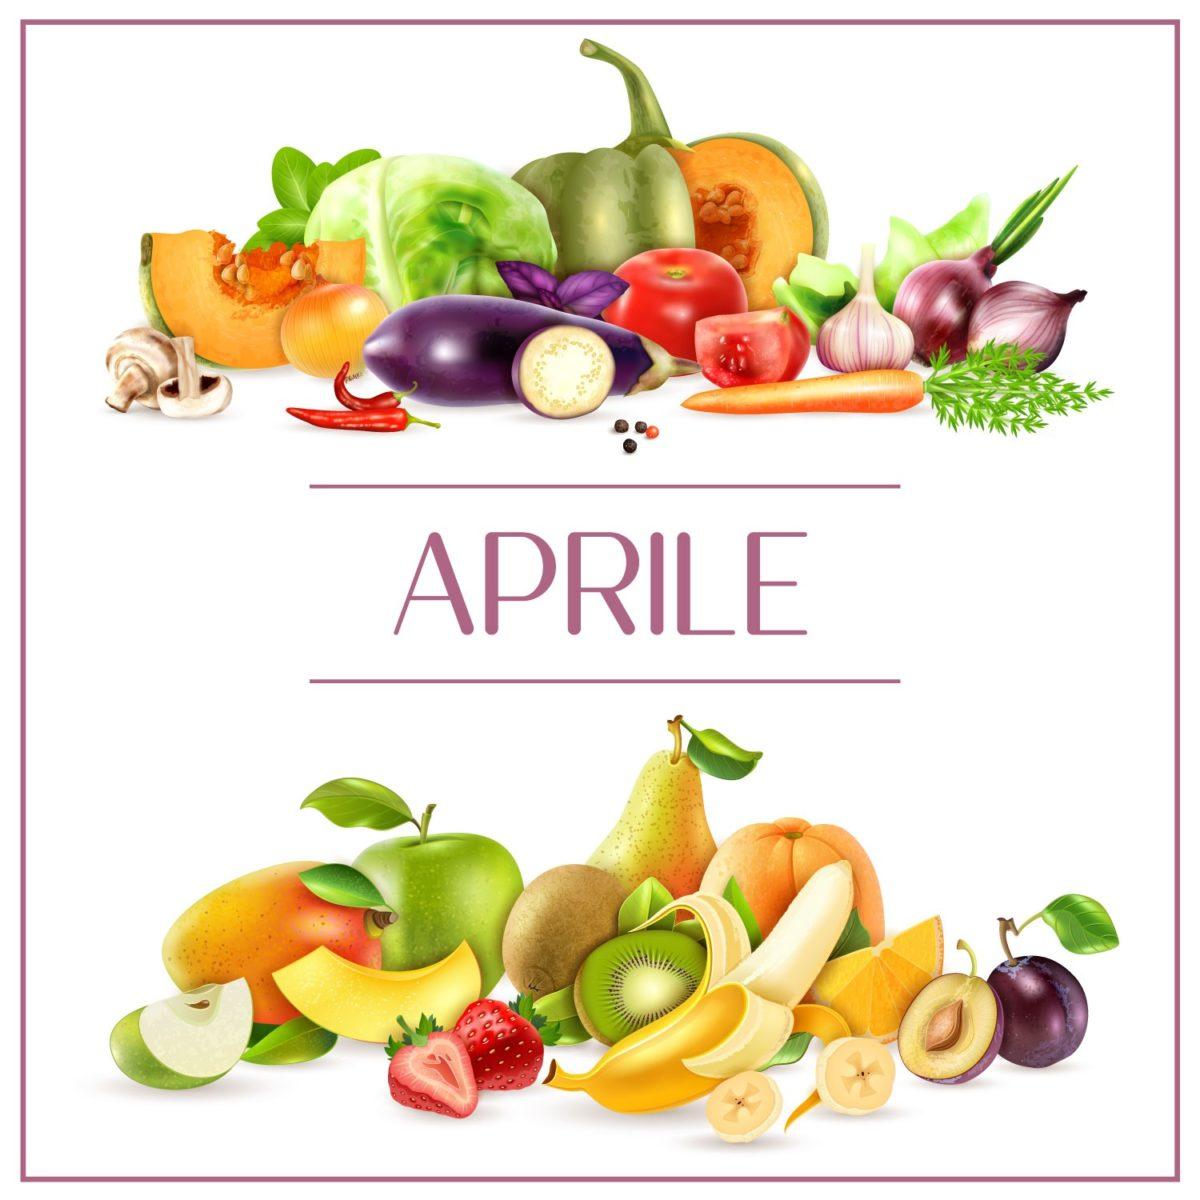 Cosa-comprare-di-frutta-e-verdura-nel-mese-di-aprile-1200x1200.jpeg